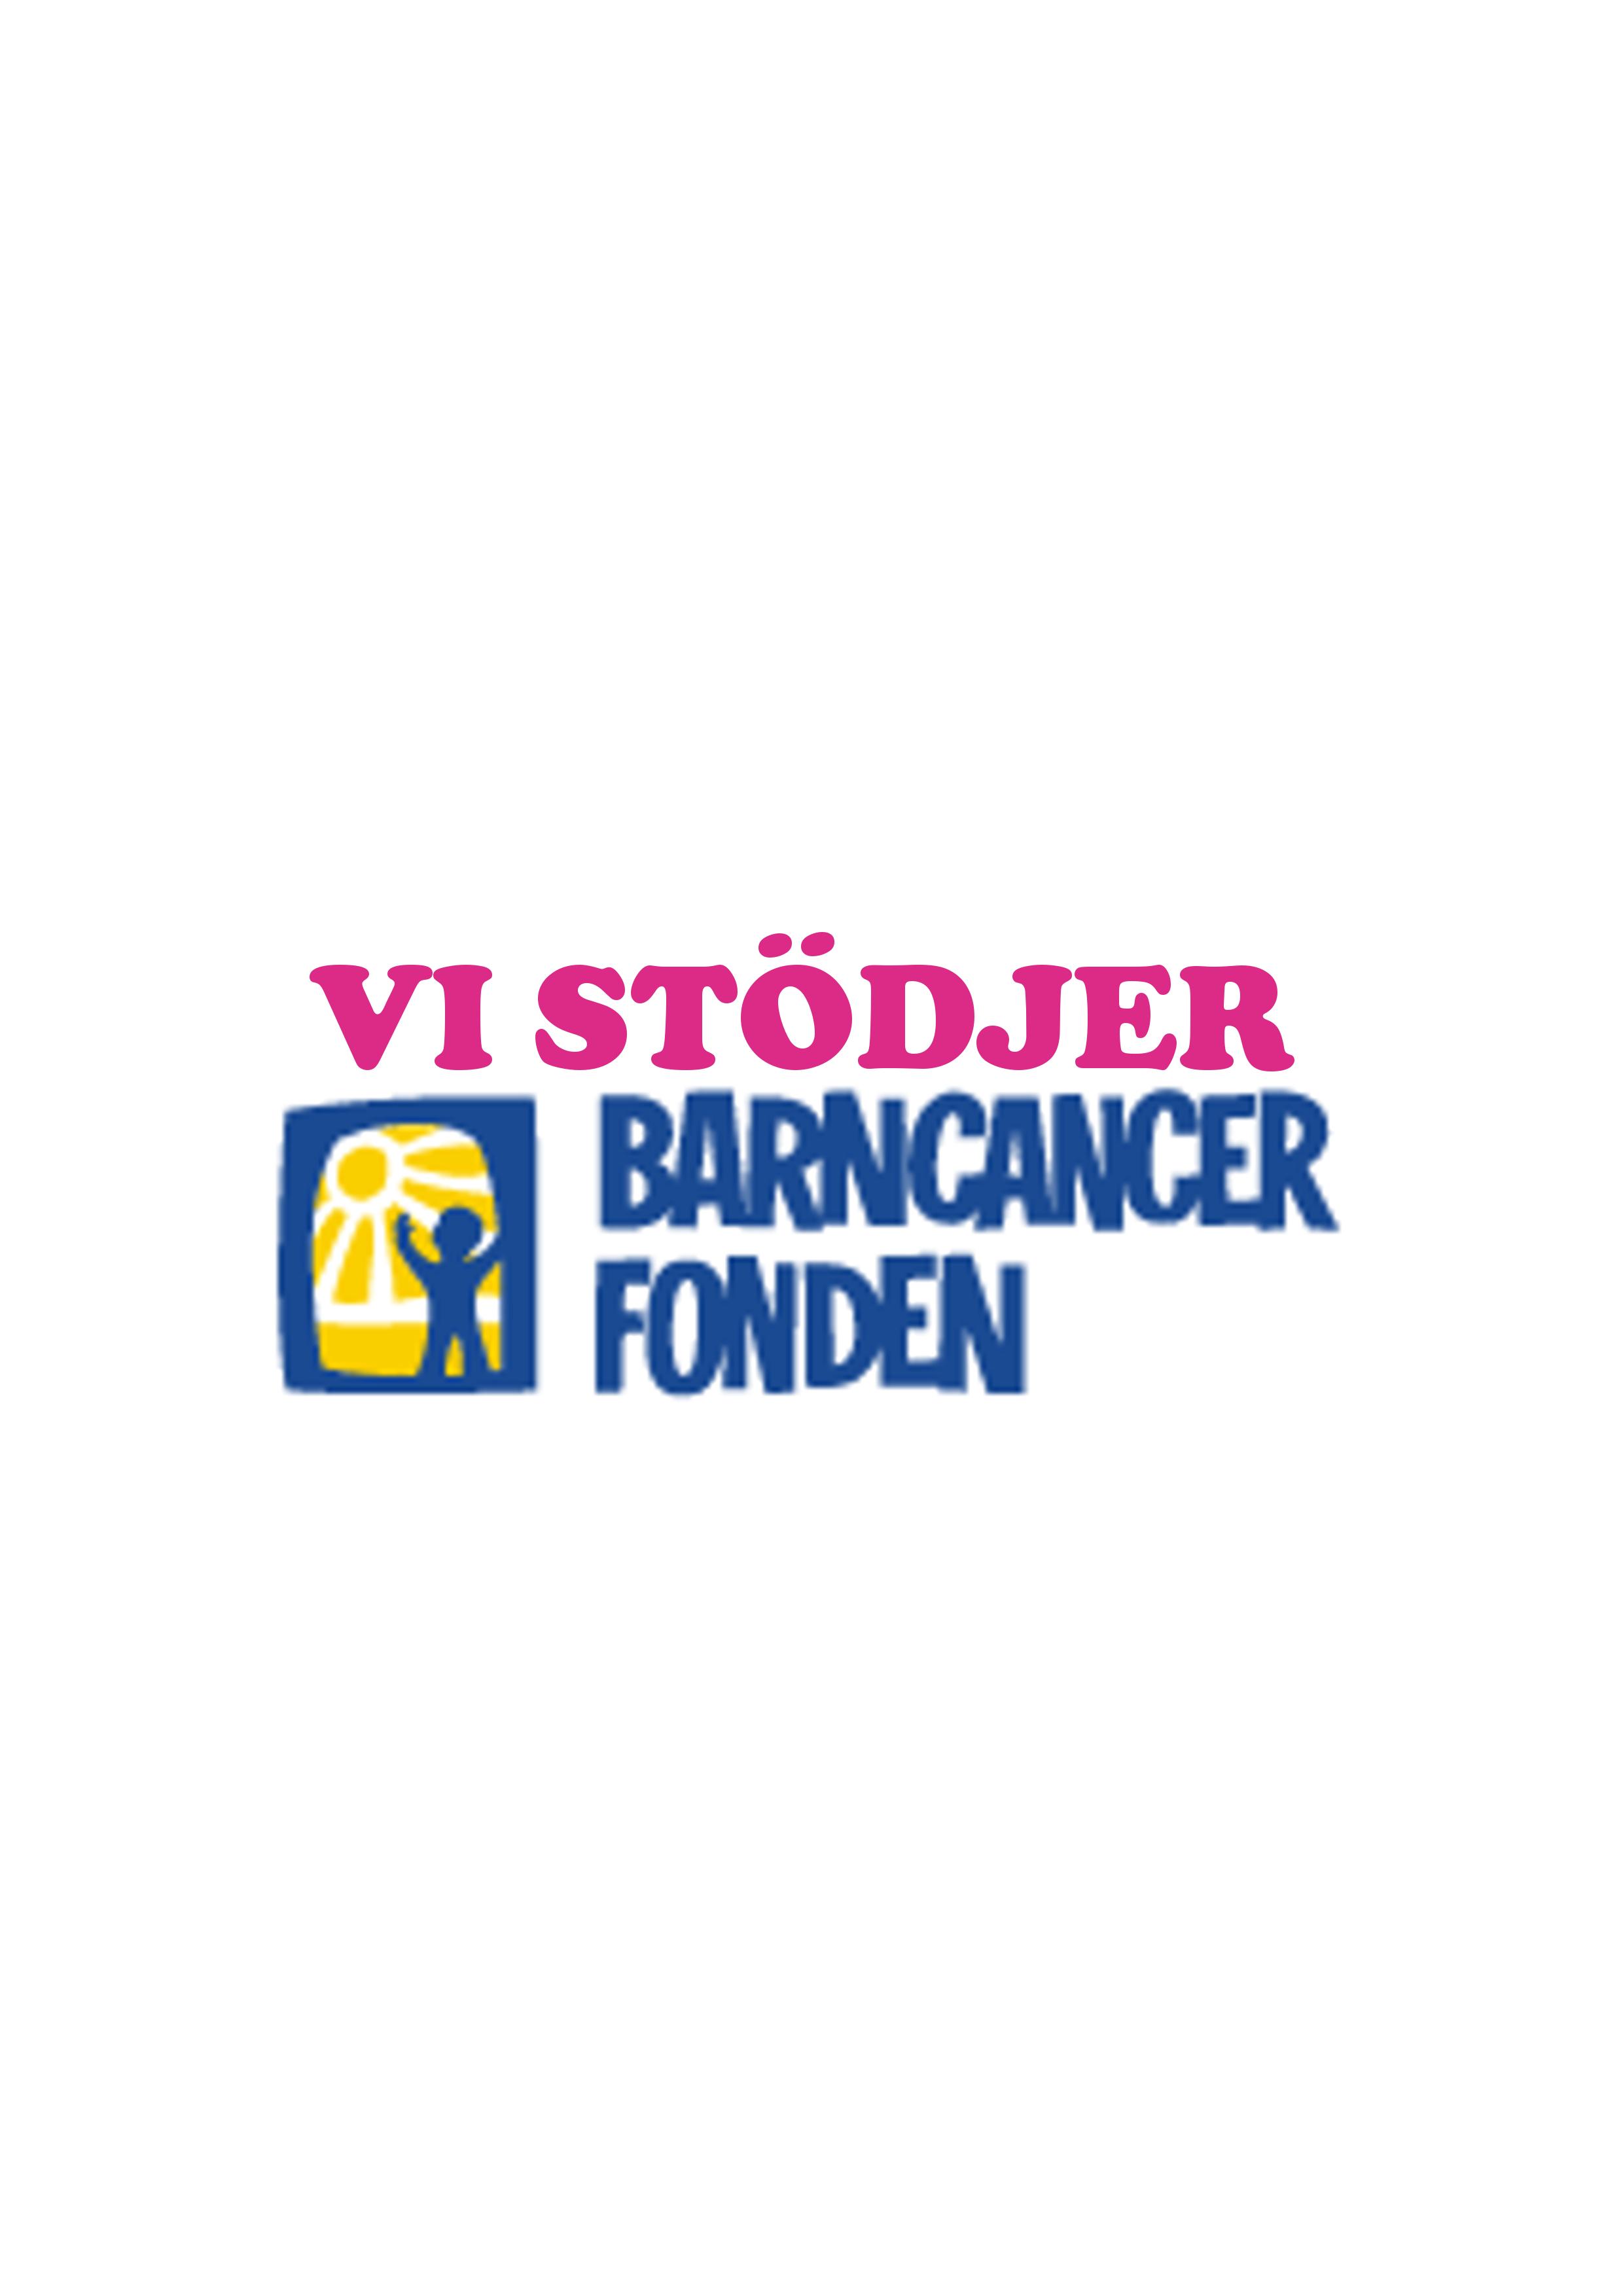 vi_stödjer_barncancer-.jpg